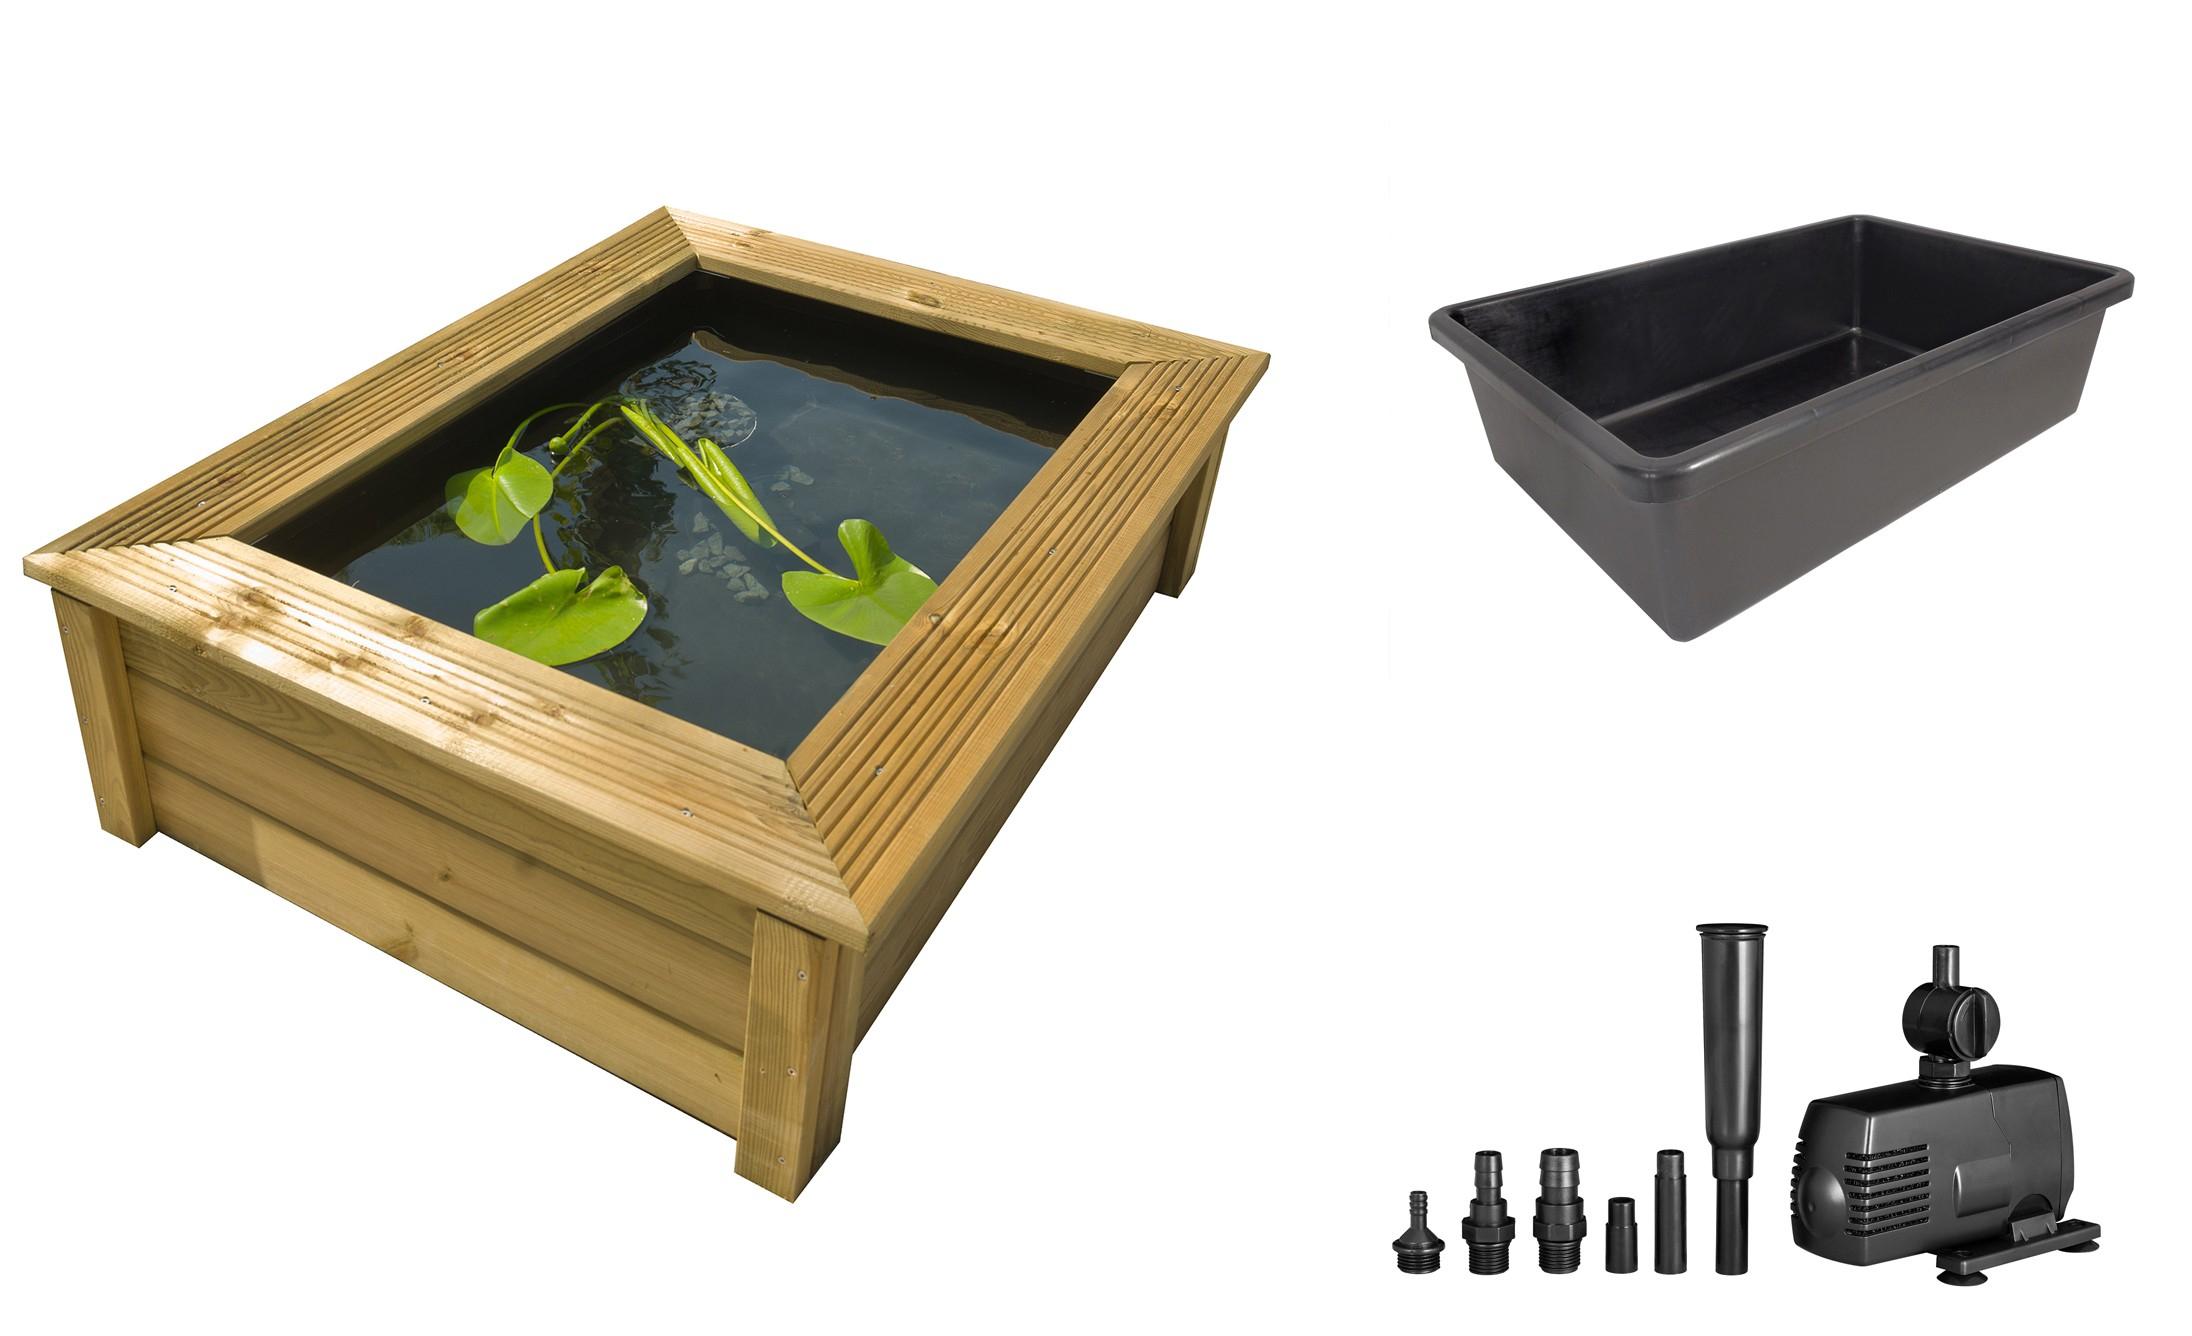 Kit Bassin De Jardin En Bois Quadro Wood 10 Ubbink Avec ... avec Kit Bassin De Jardin Préformé